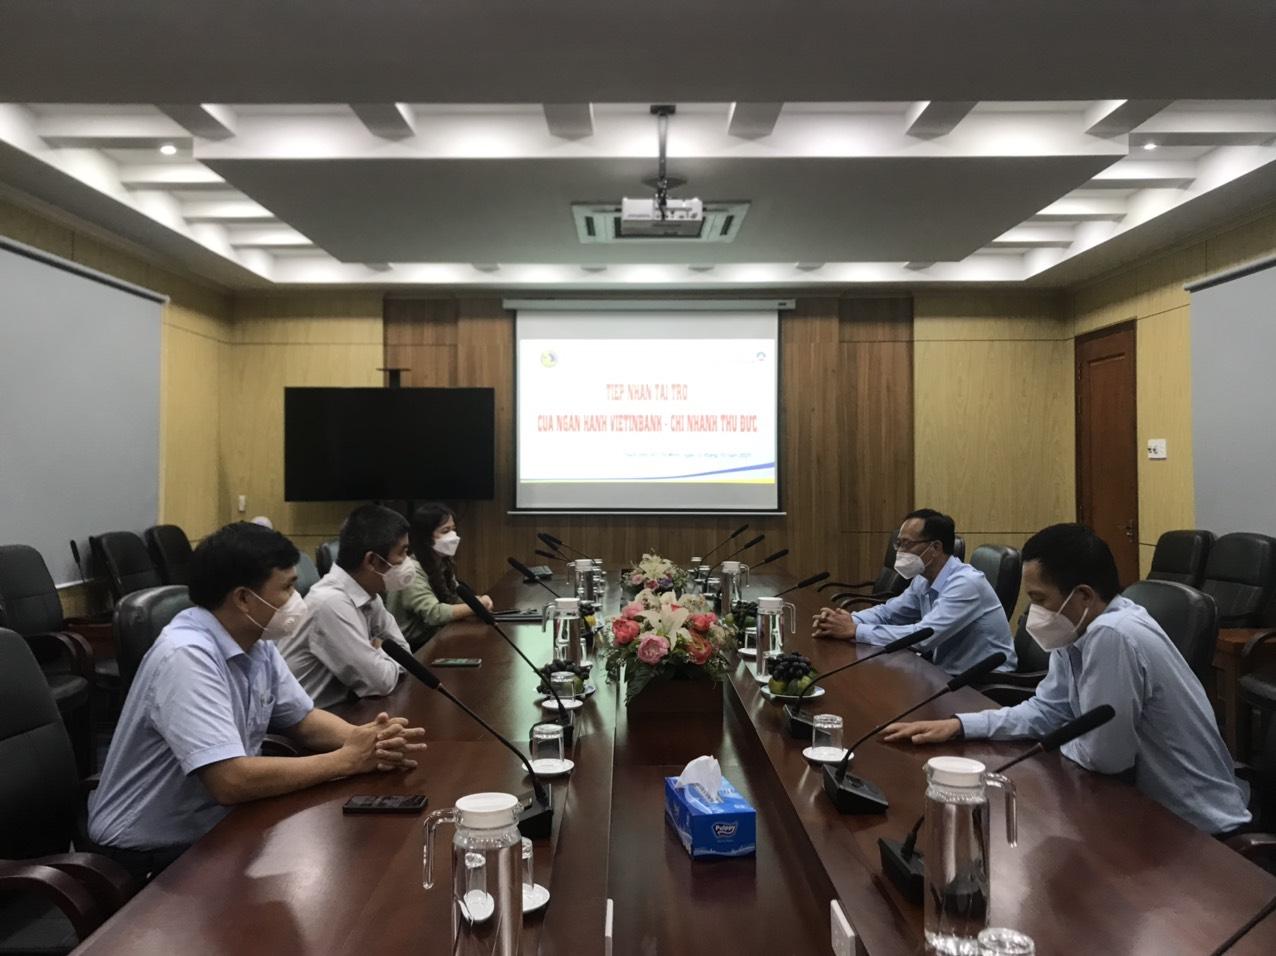 Tiếp nhận hỗ trợ từ Ngân hàng Vietinbank - Chi nhánh Thủ Đức góp phần xây dựng hệ thống số hóa của Phân hiệu